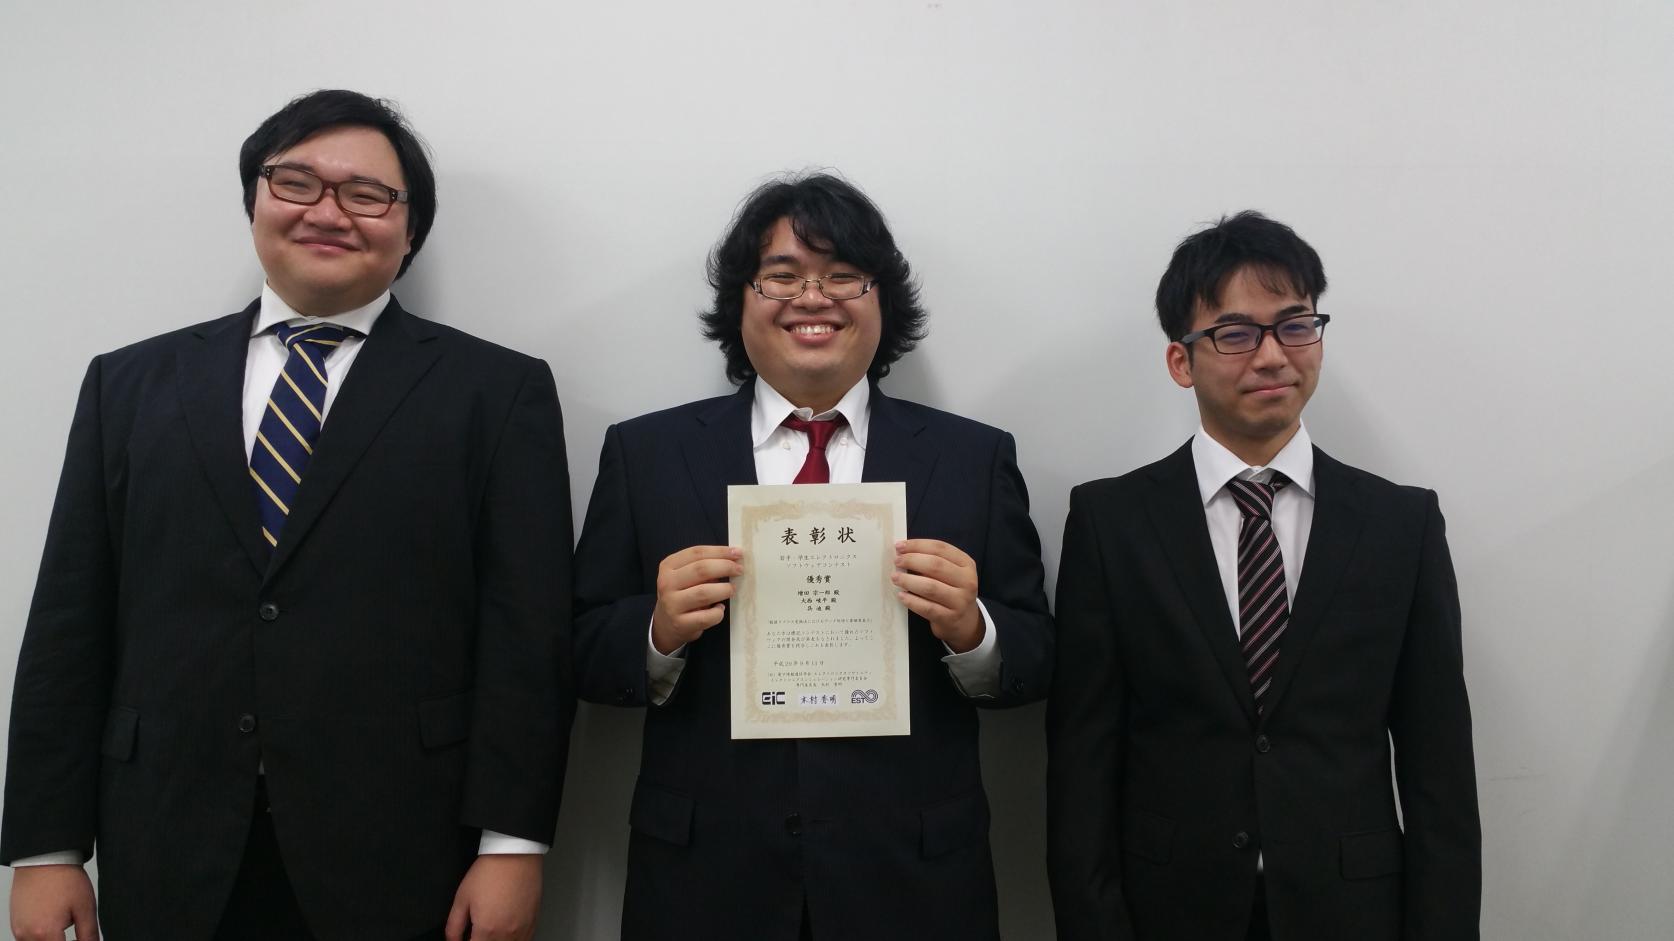 電気工学科4年生の増田宗一郎さん、電気工学専攻の大西崚平さん、呉迪さんが電子情報通信学会主催の第1回「若手・学生エレクトロニクスソフトウェアコンテスト」において優秀発表賞を受賞しました。